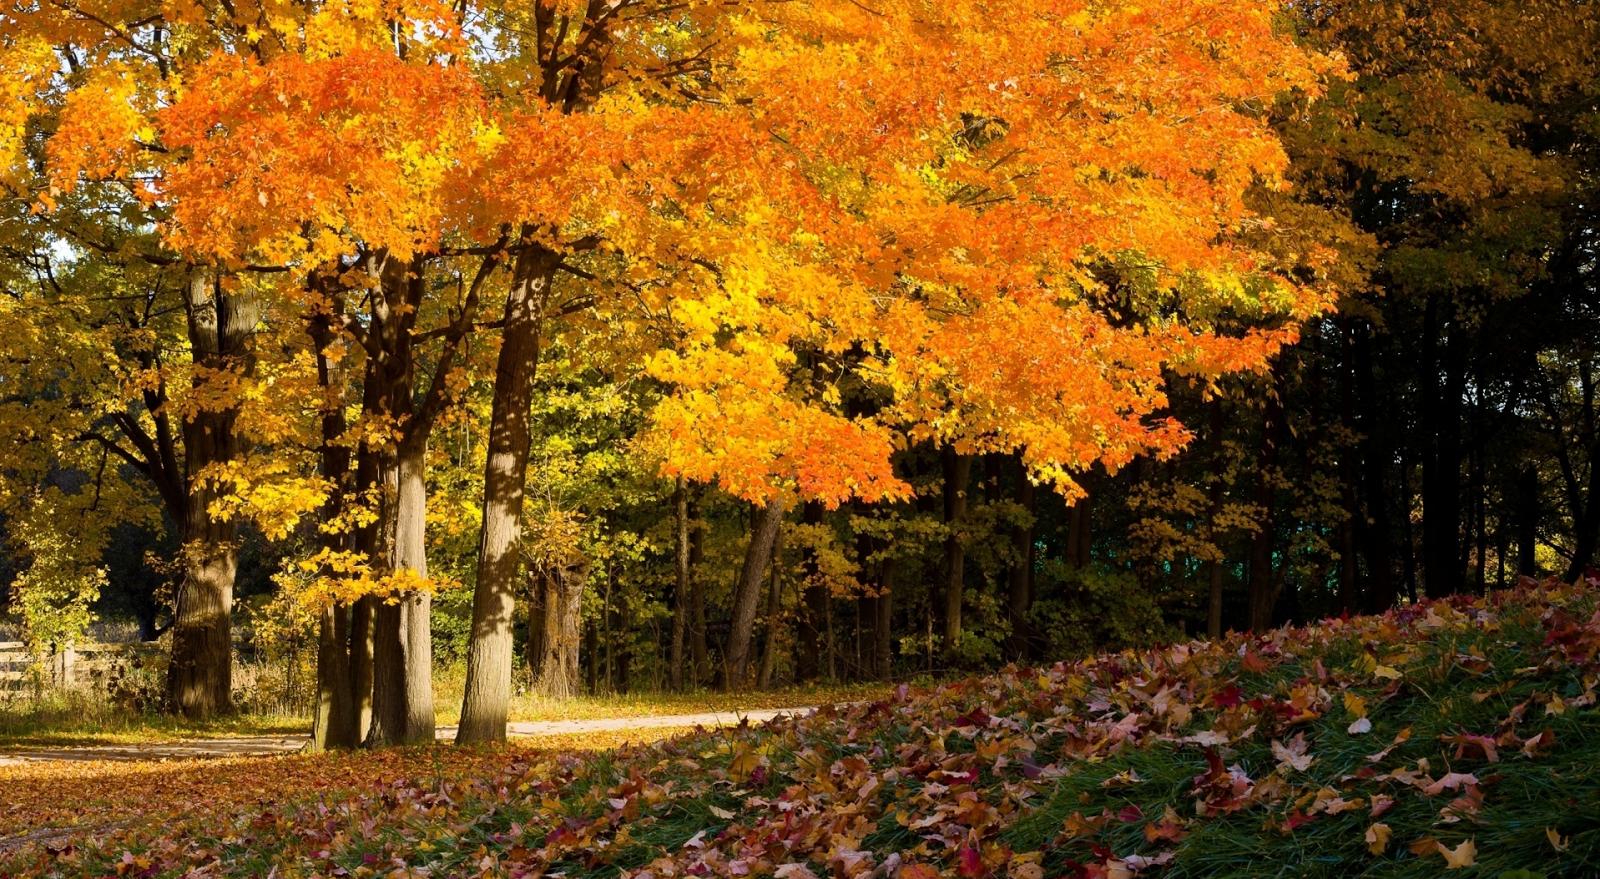 Autumn Beautiful Forest wallpaper